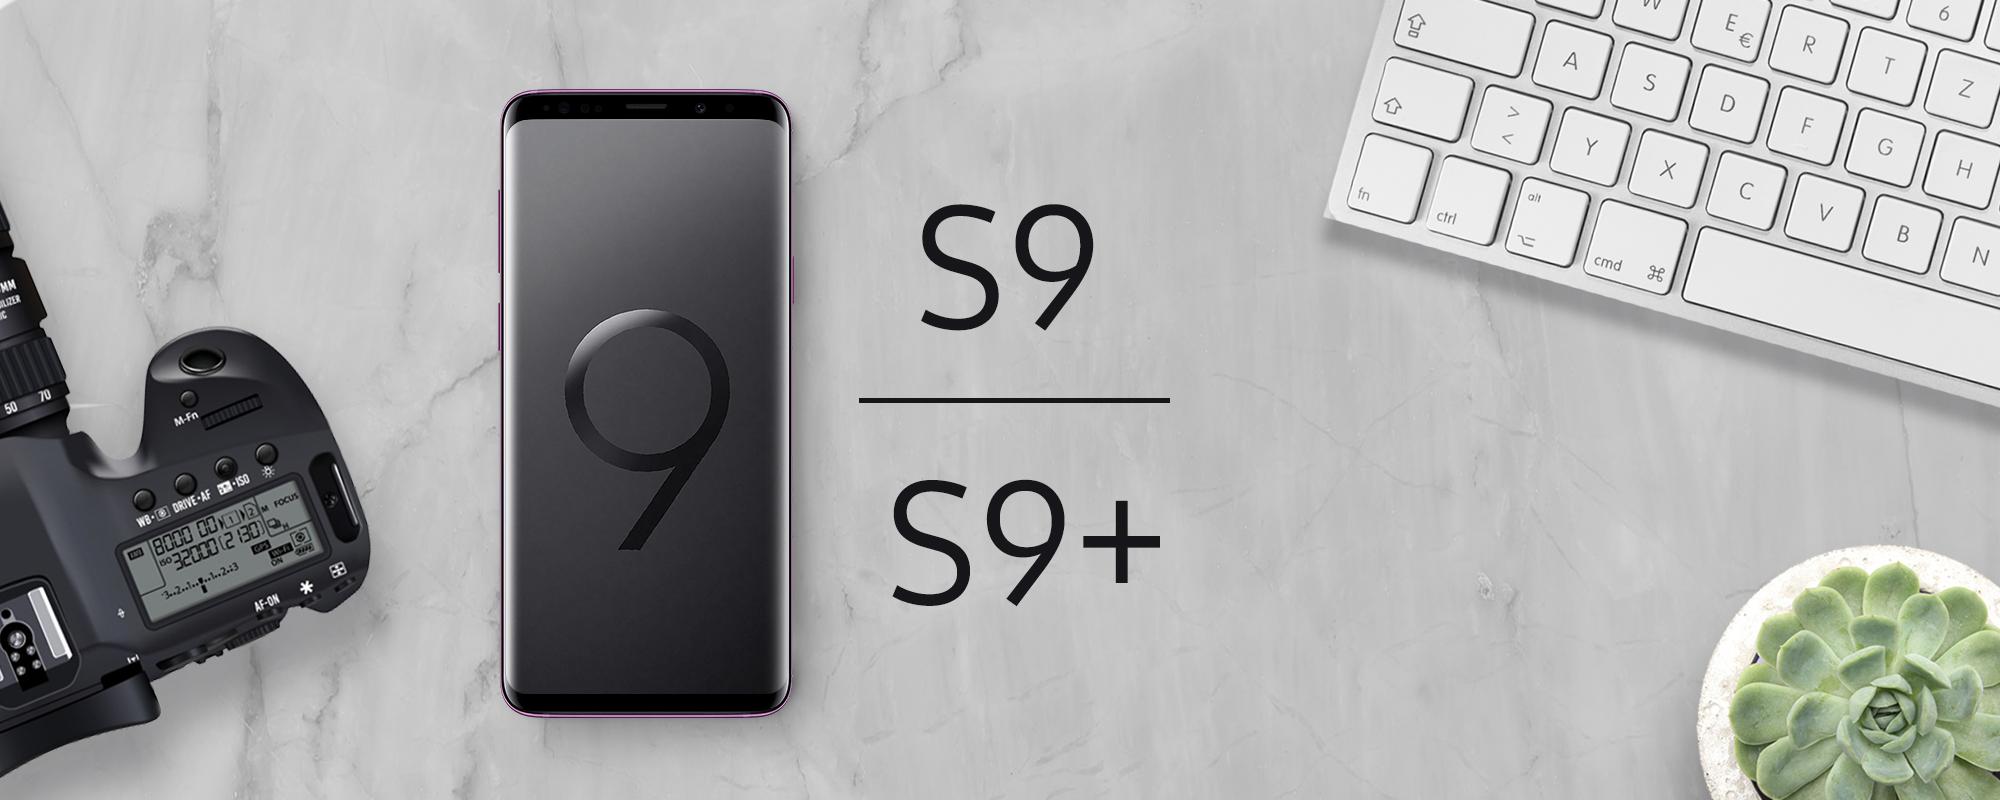 S9-&-S9+-compressor